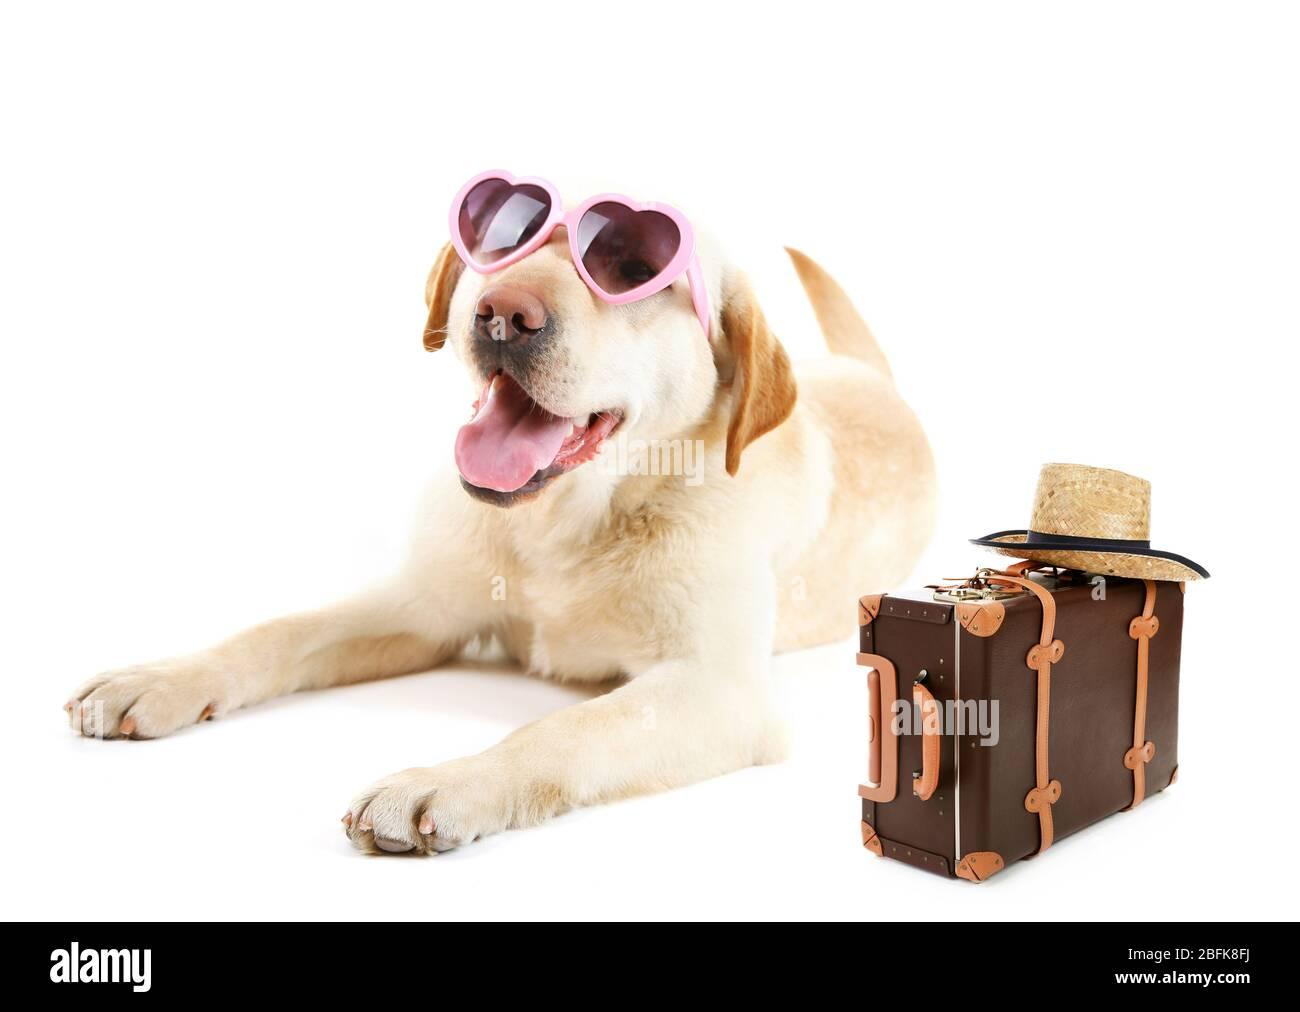 Lustige Hundetourist mit Sonnenbrille, Koffer und Hut, isoliert auf weiß Stockfoto